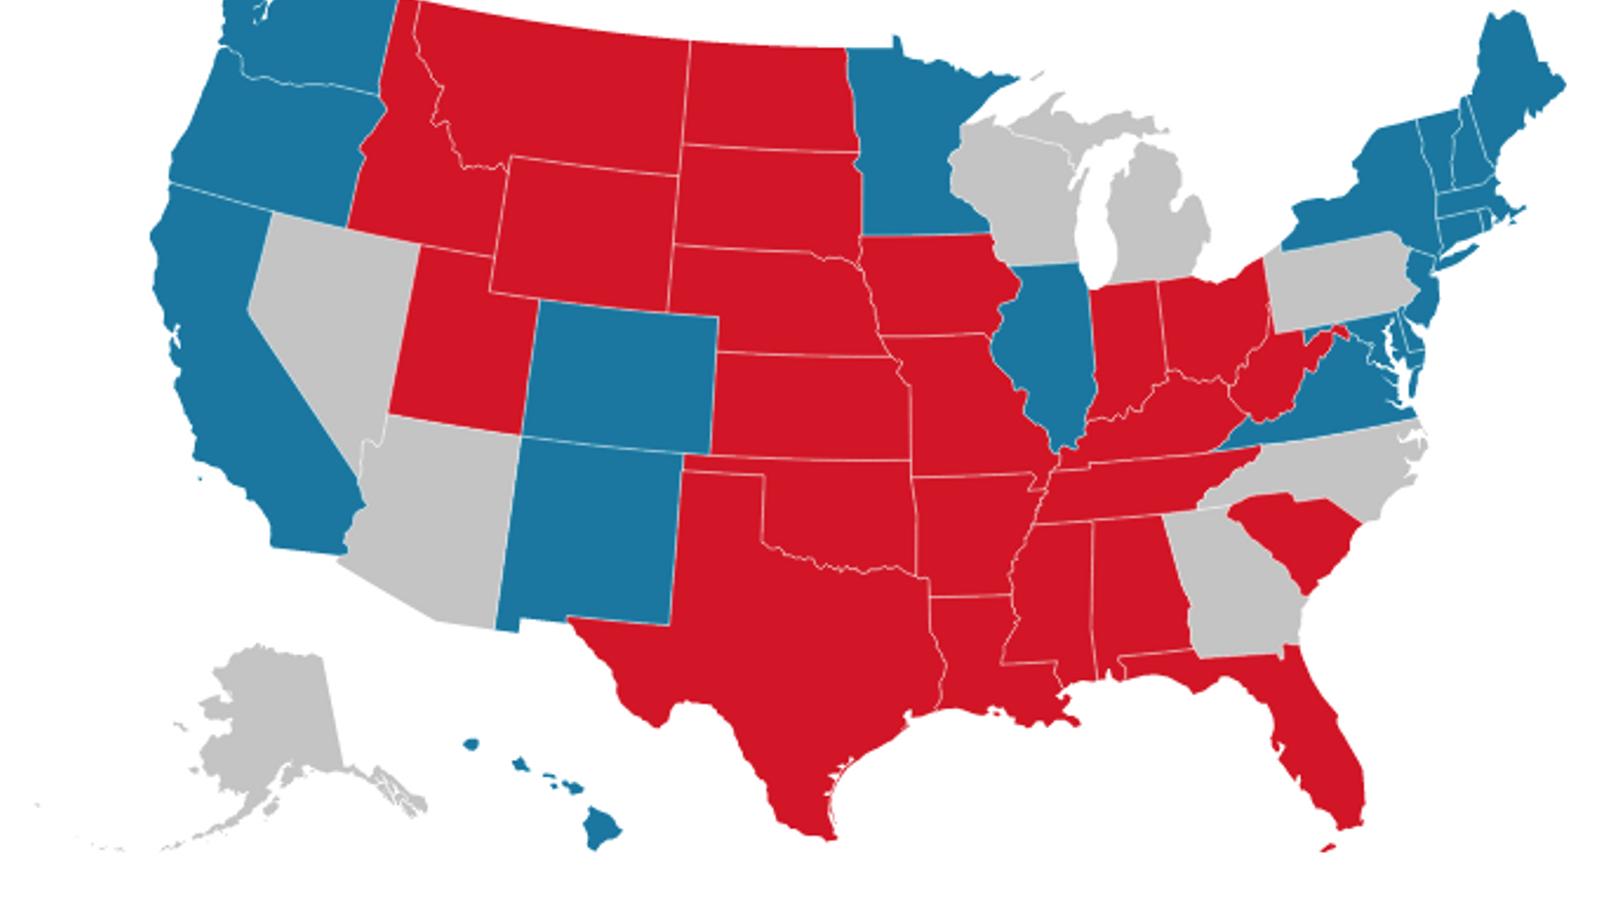 Un llarg recompte: de quins estats hem d'estar pendents